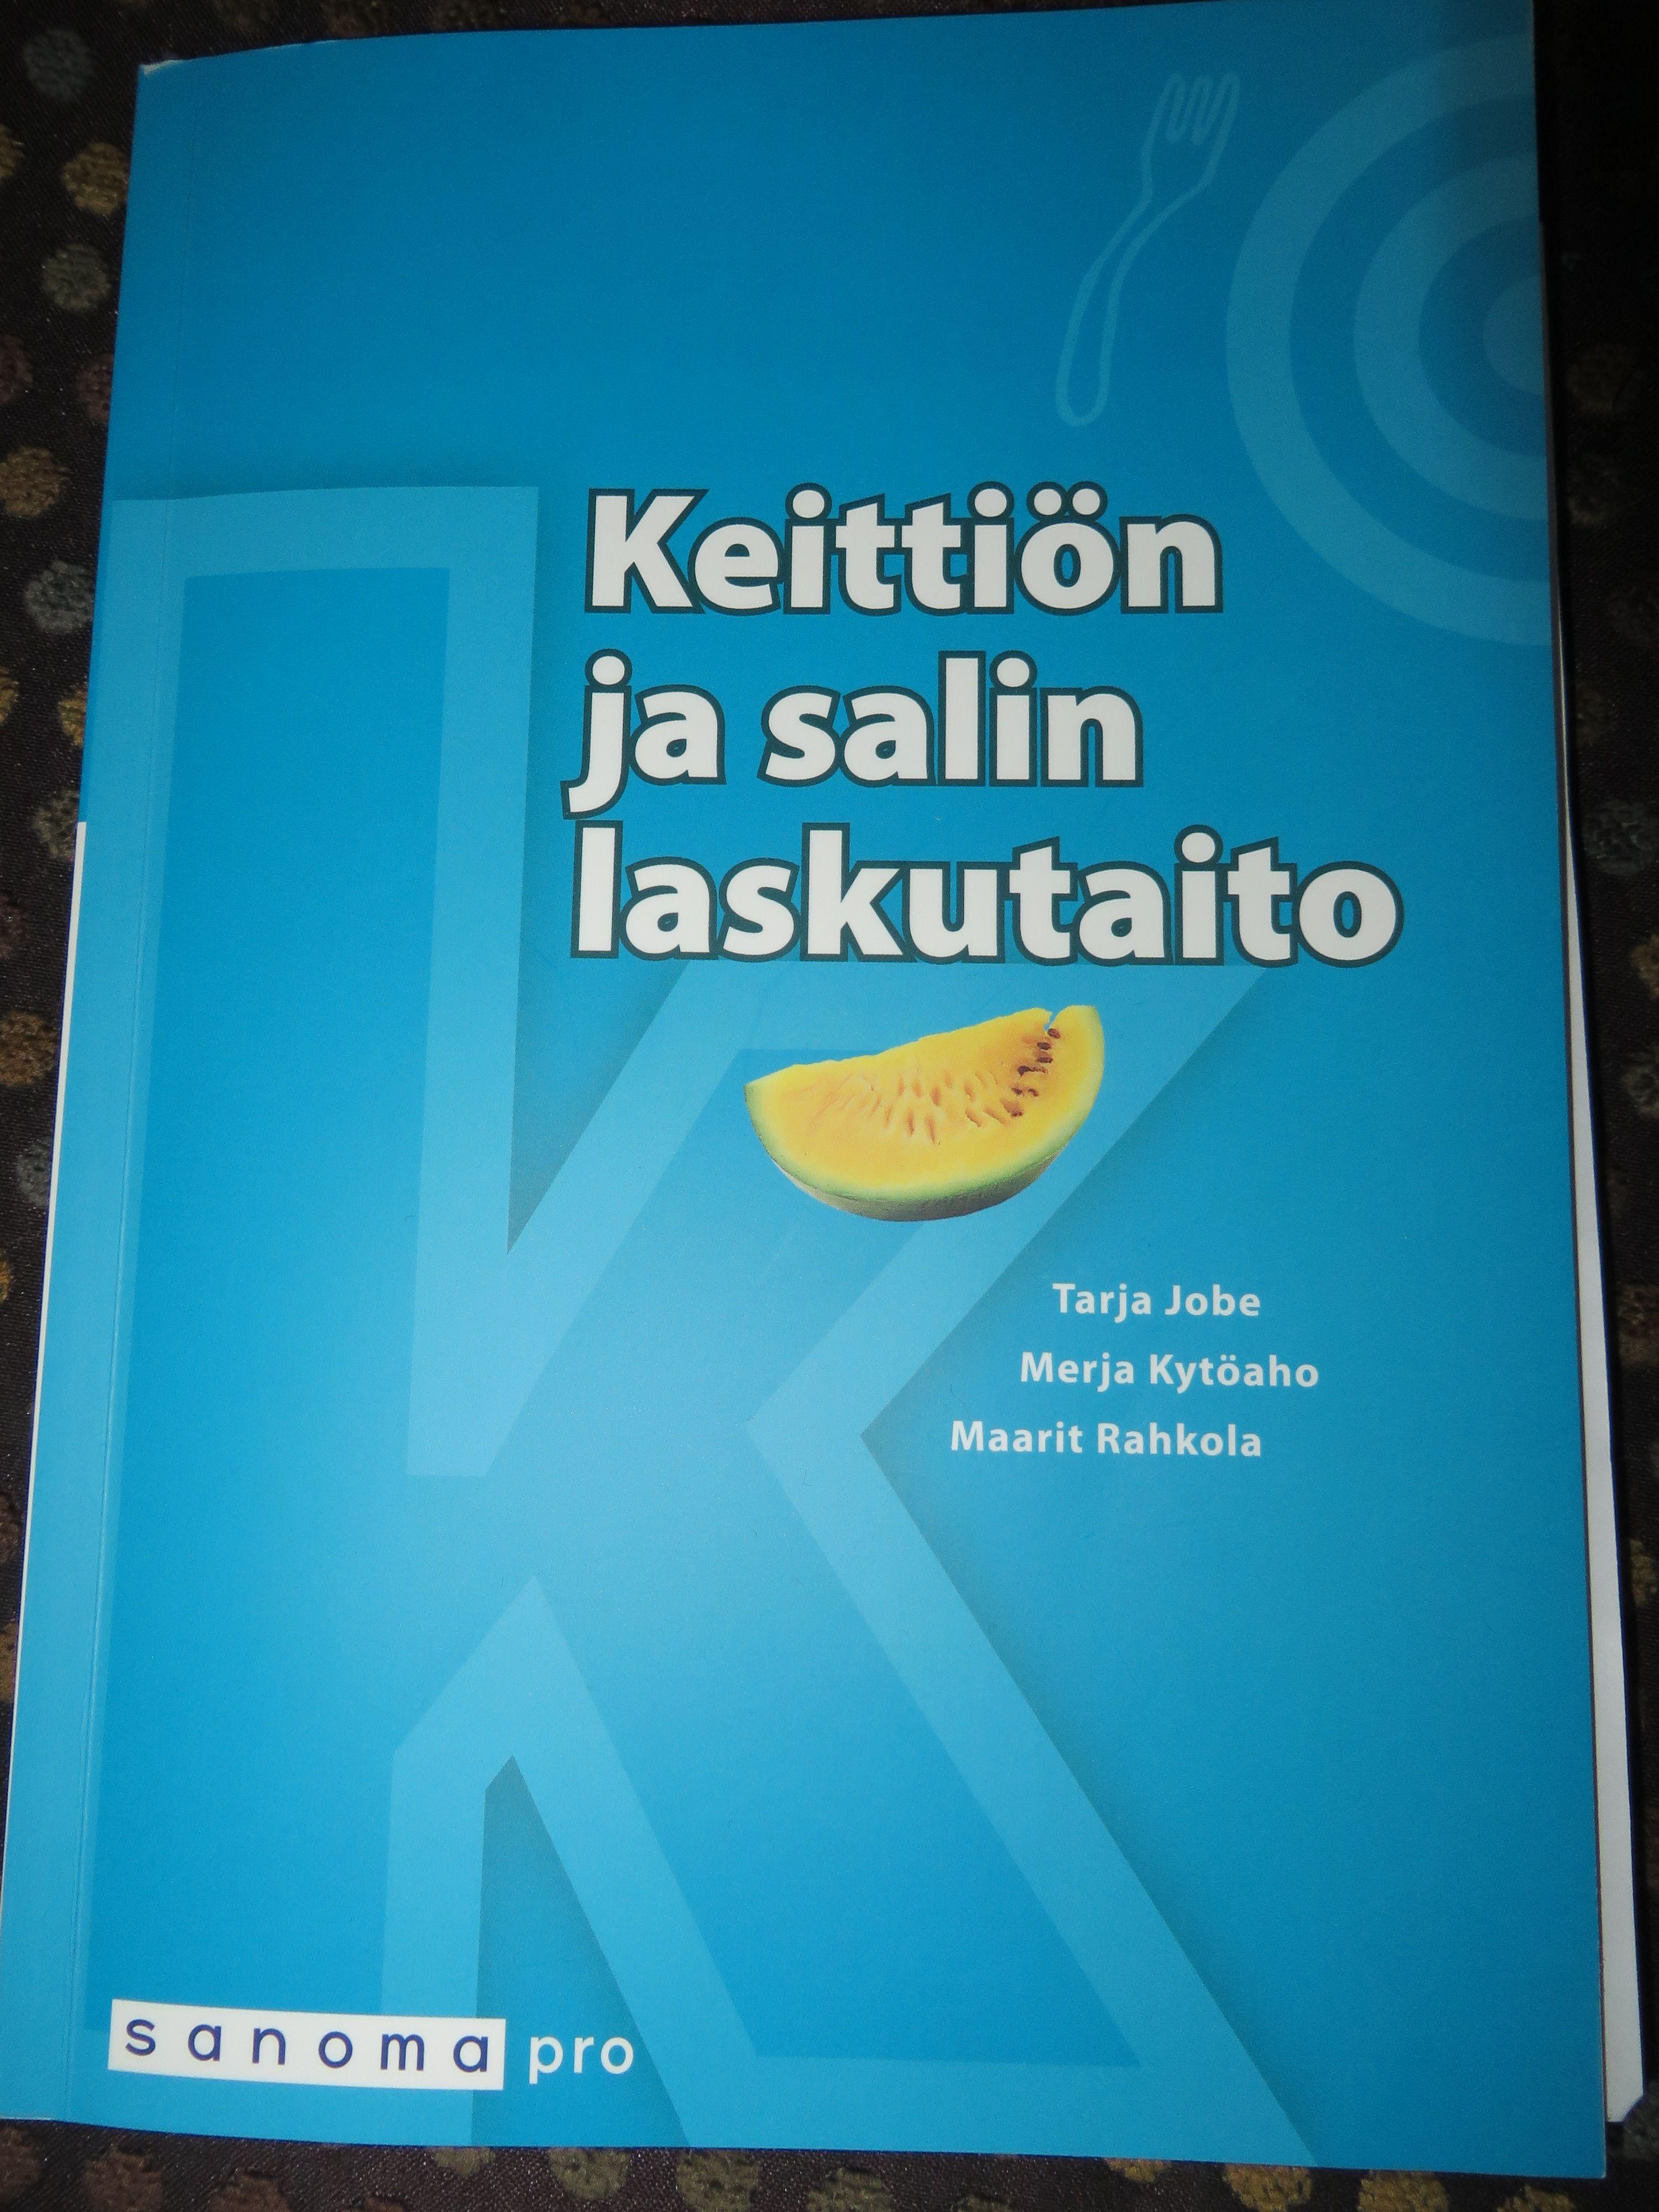 Keittiön ja salin laskutaito. Tarja Jobe, Merja Kytöaho, Maarit Rahkola. Laskemisen juhlaa ammatillisissa opinnoissa